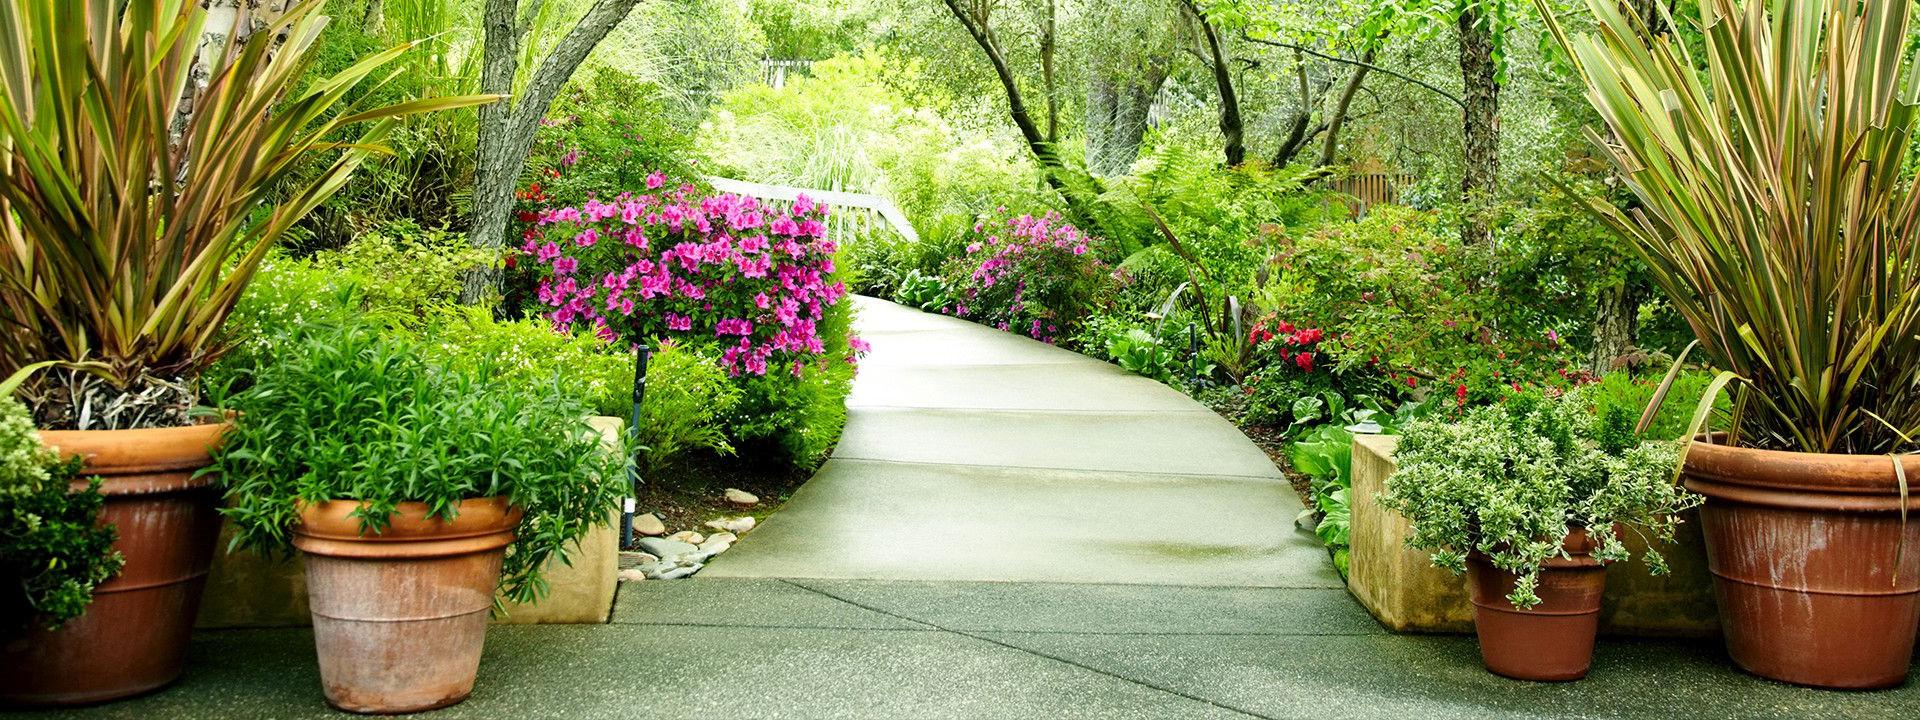 Resources | Trinity Memorial Gardens